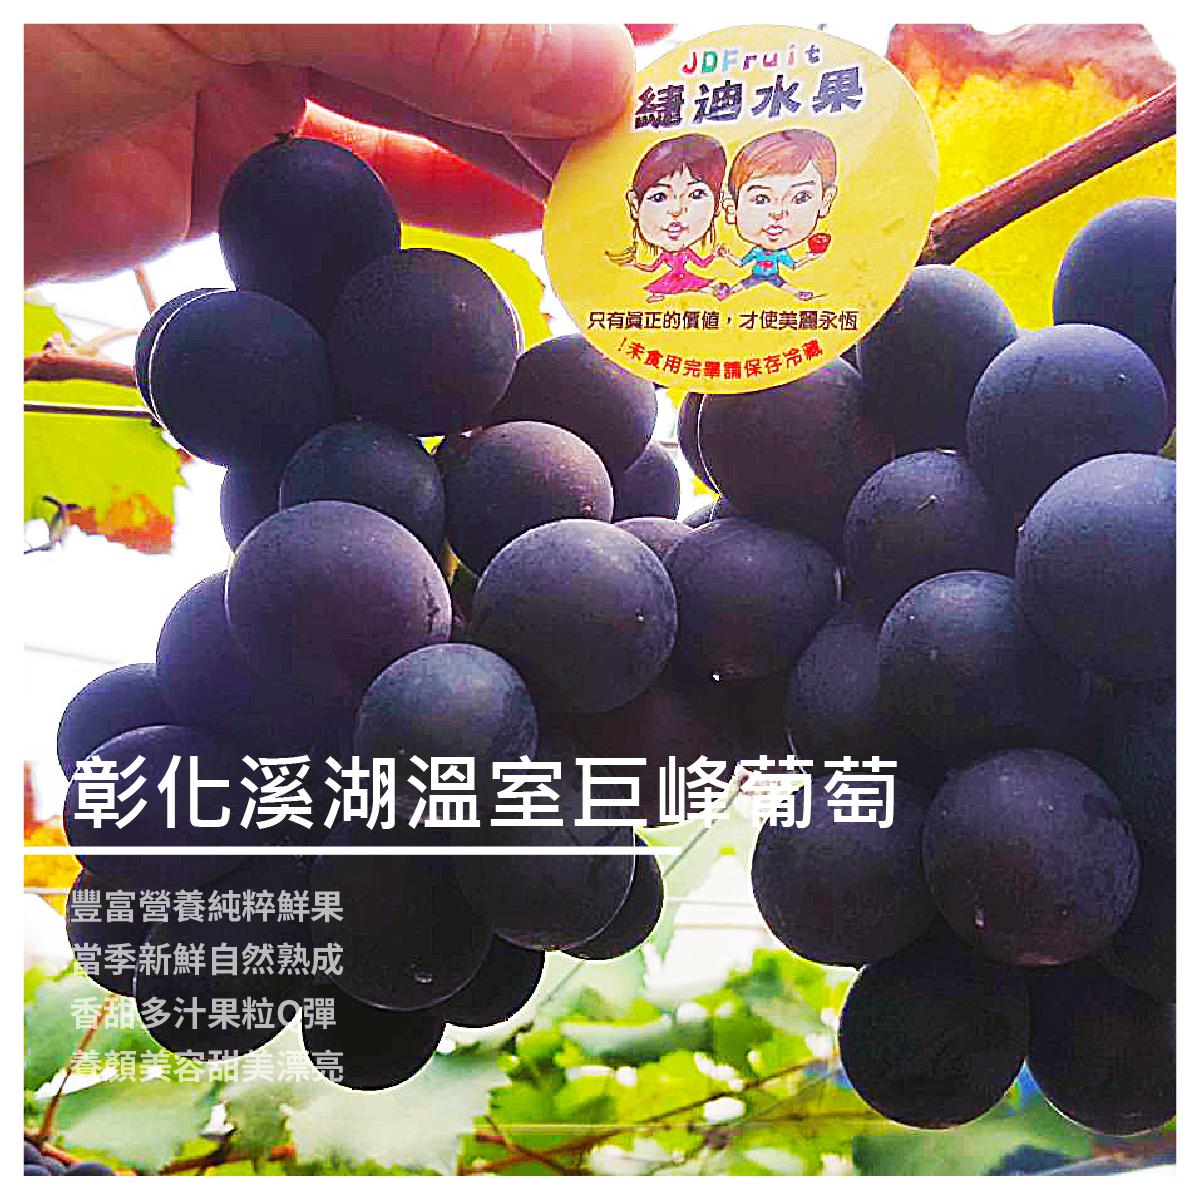 【緁迪水果】彰化溪湖溫室巨峰葡萄/3斤禮盒組